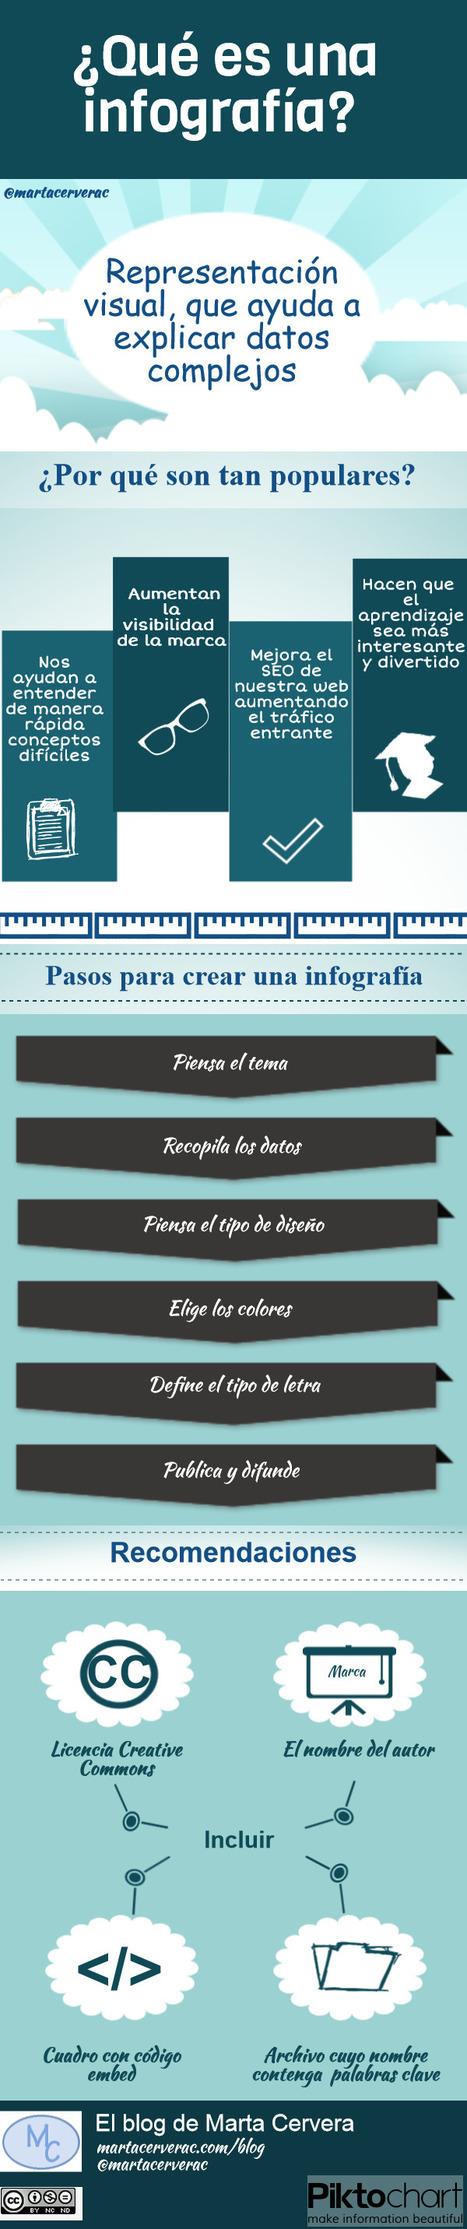 Las infografías son unas herramientas geniales de marketing | Social Media | Scoop.it